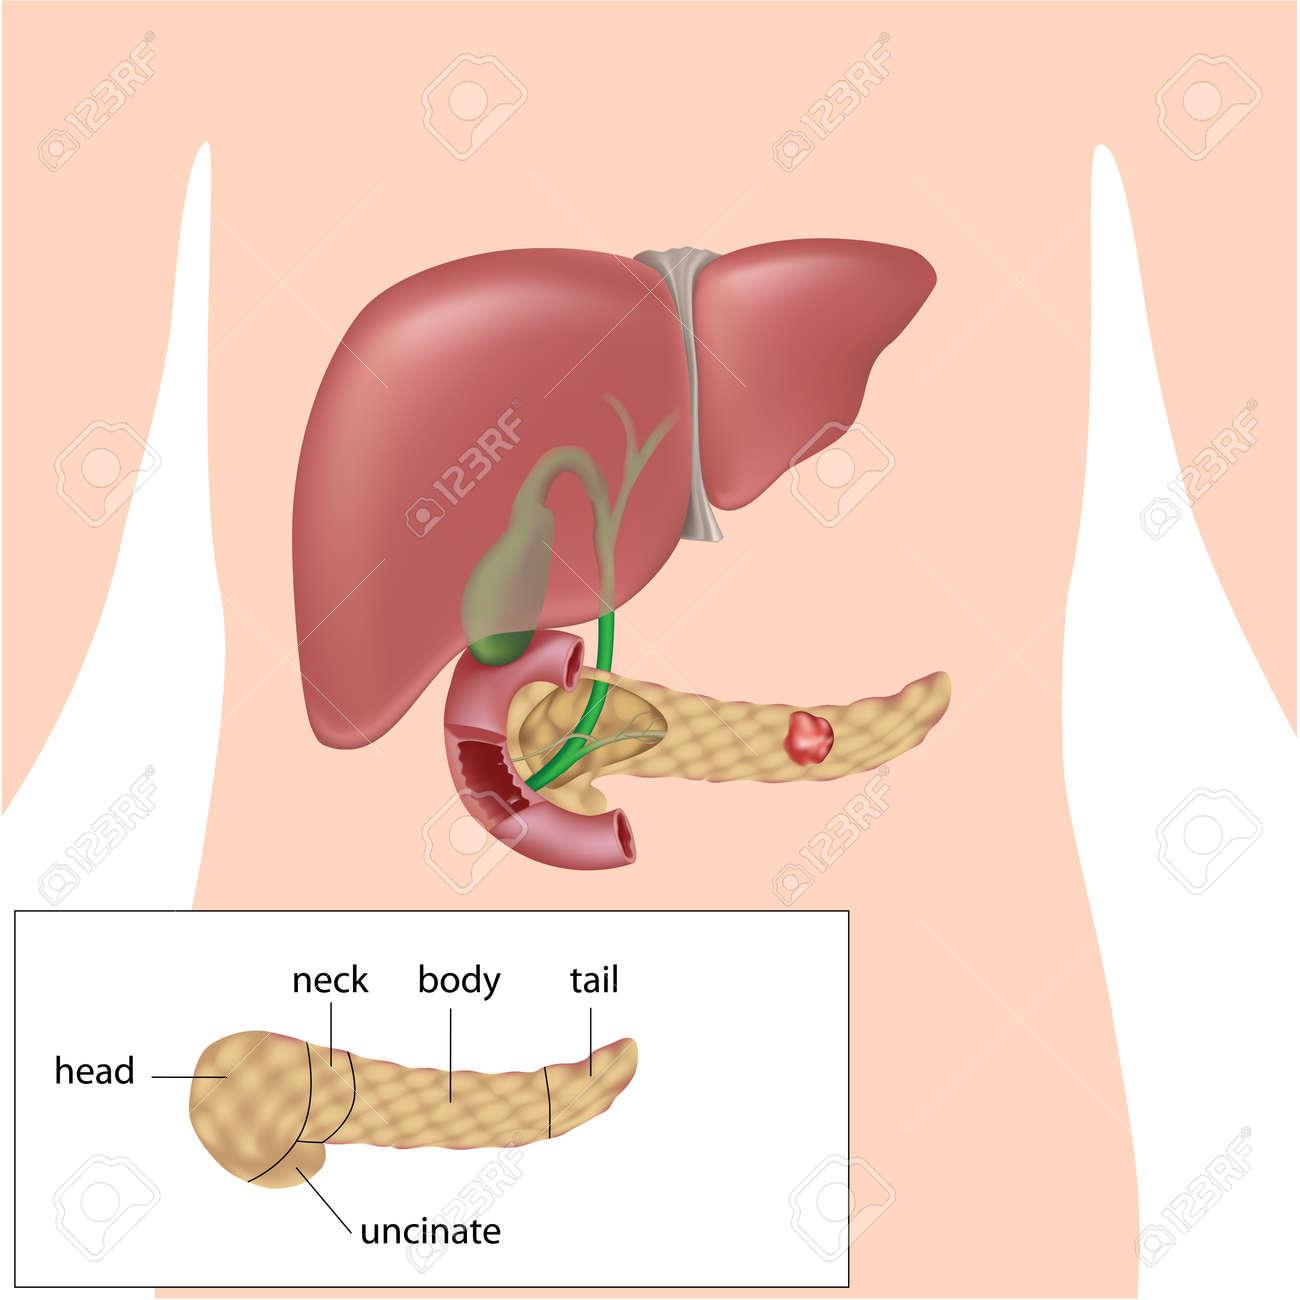 Bauchspeicheldrüsenkrebs Lizenzfreie Fotos, Bilder Und Stock ...